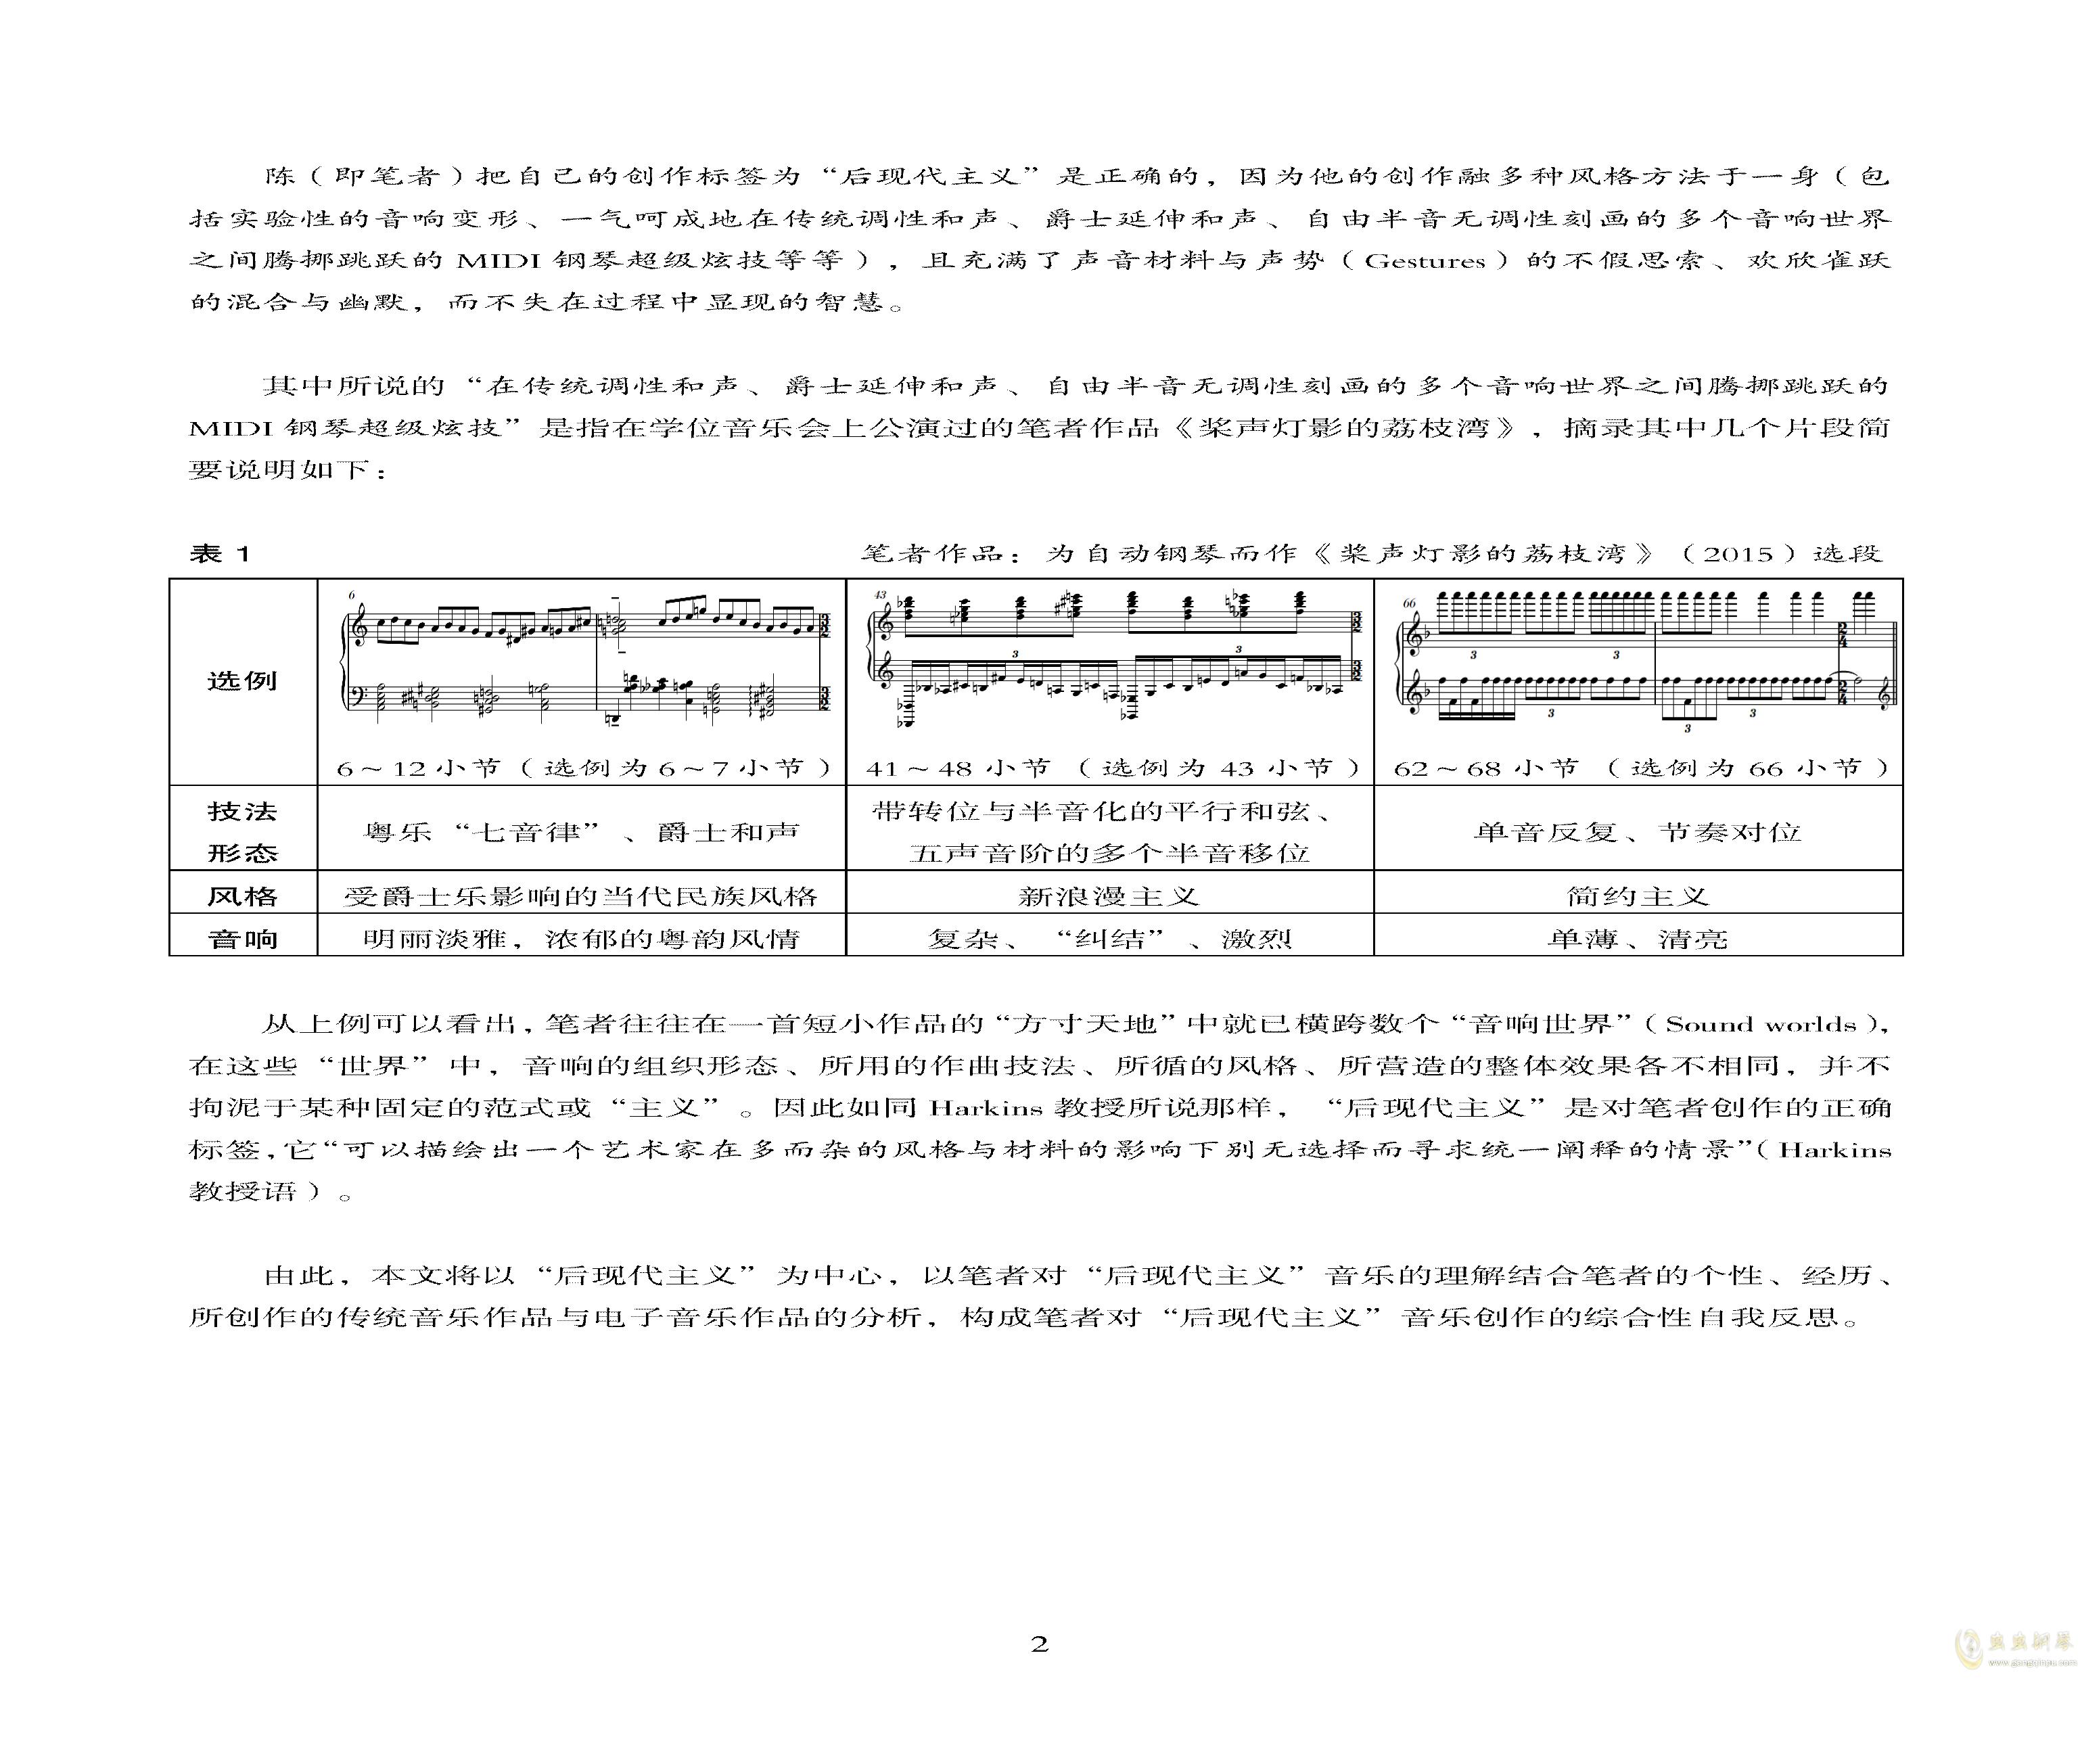 真·硕士论文ag88环亚娱乐谱 第6页